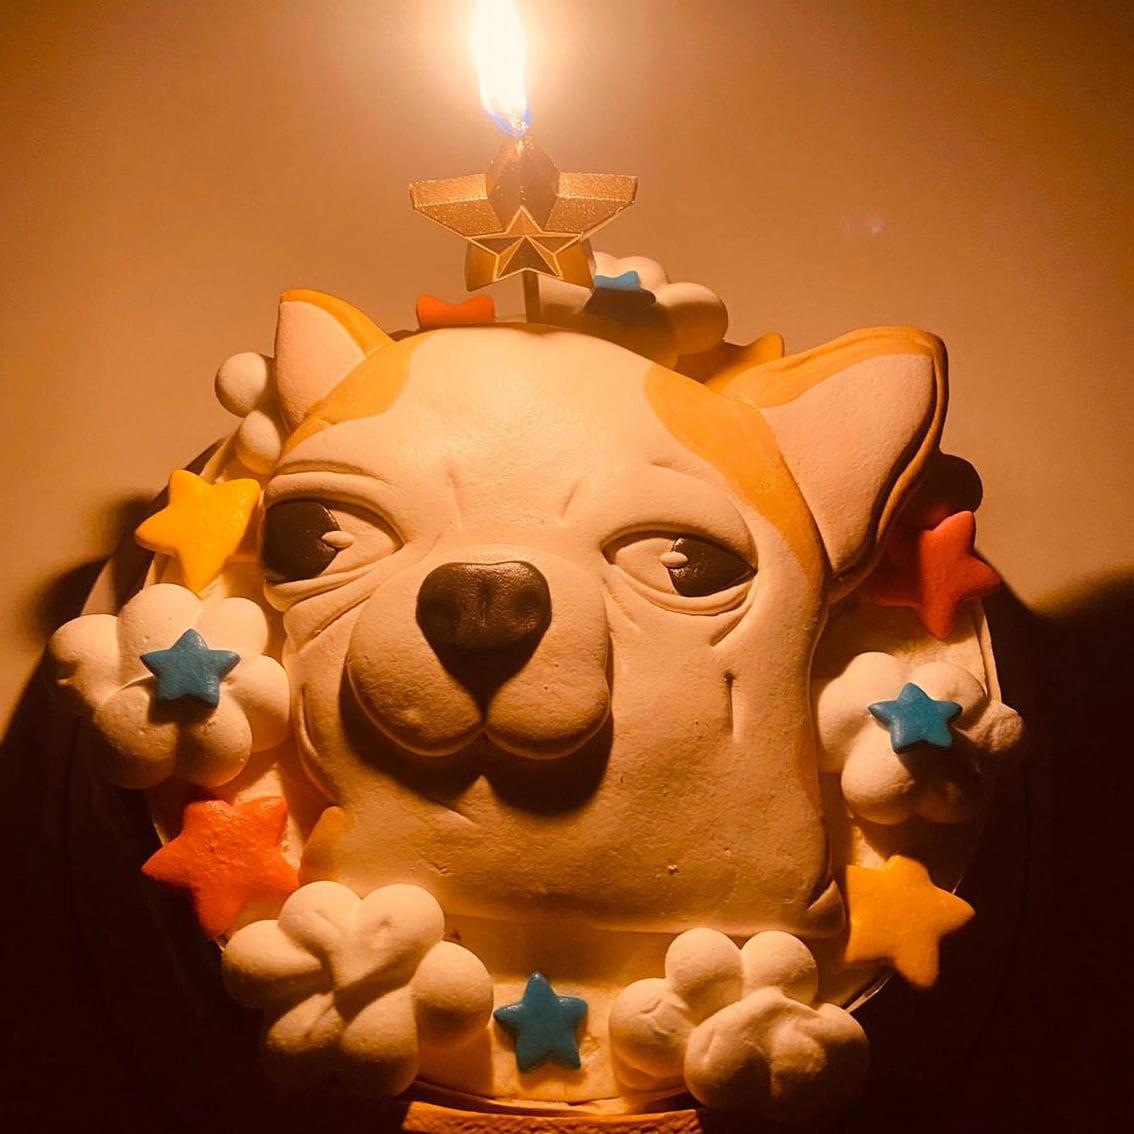 客戶好評推薦-客製化生日整人蛋糕|米爾利甜點創作 Meler Patisserie